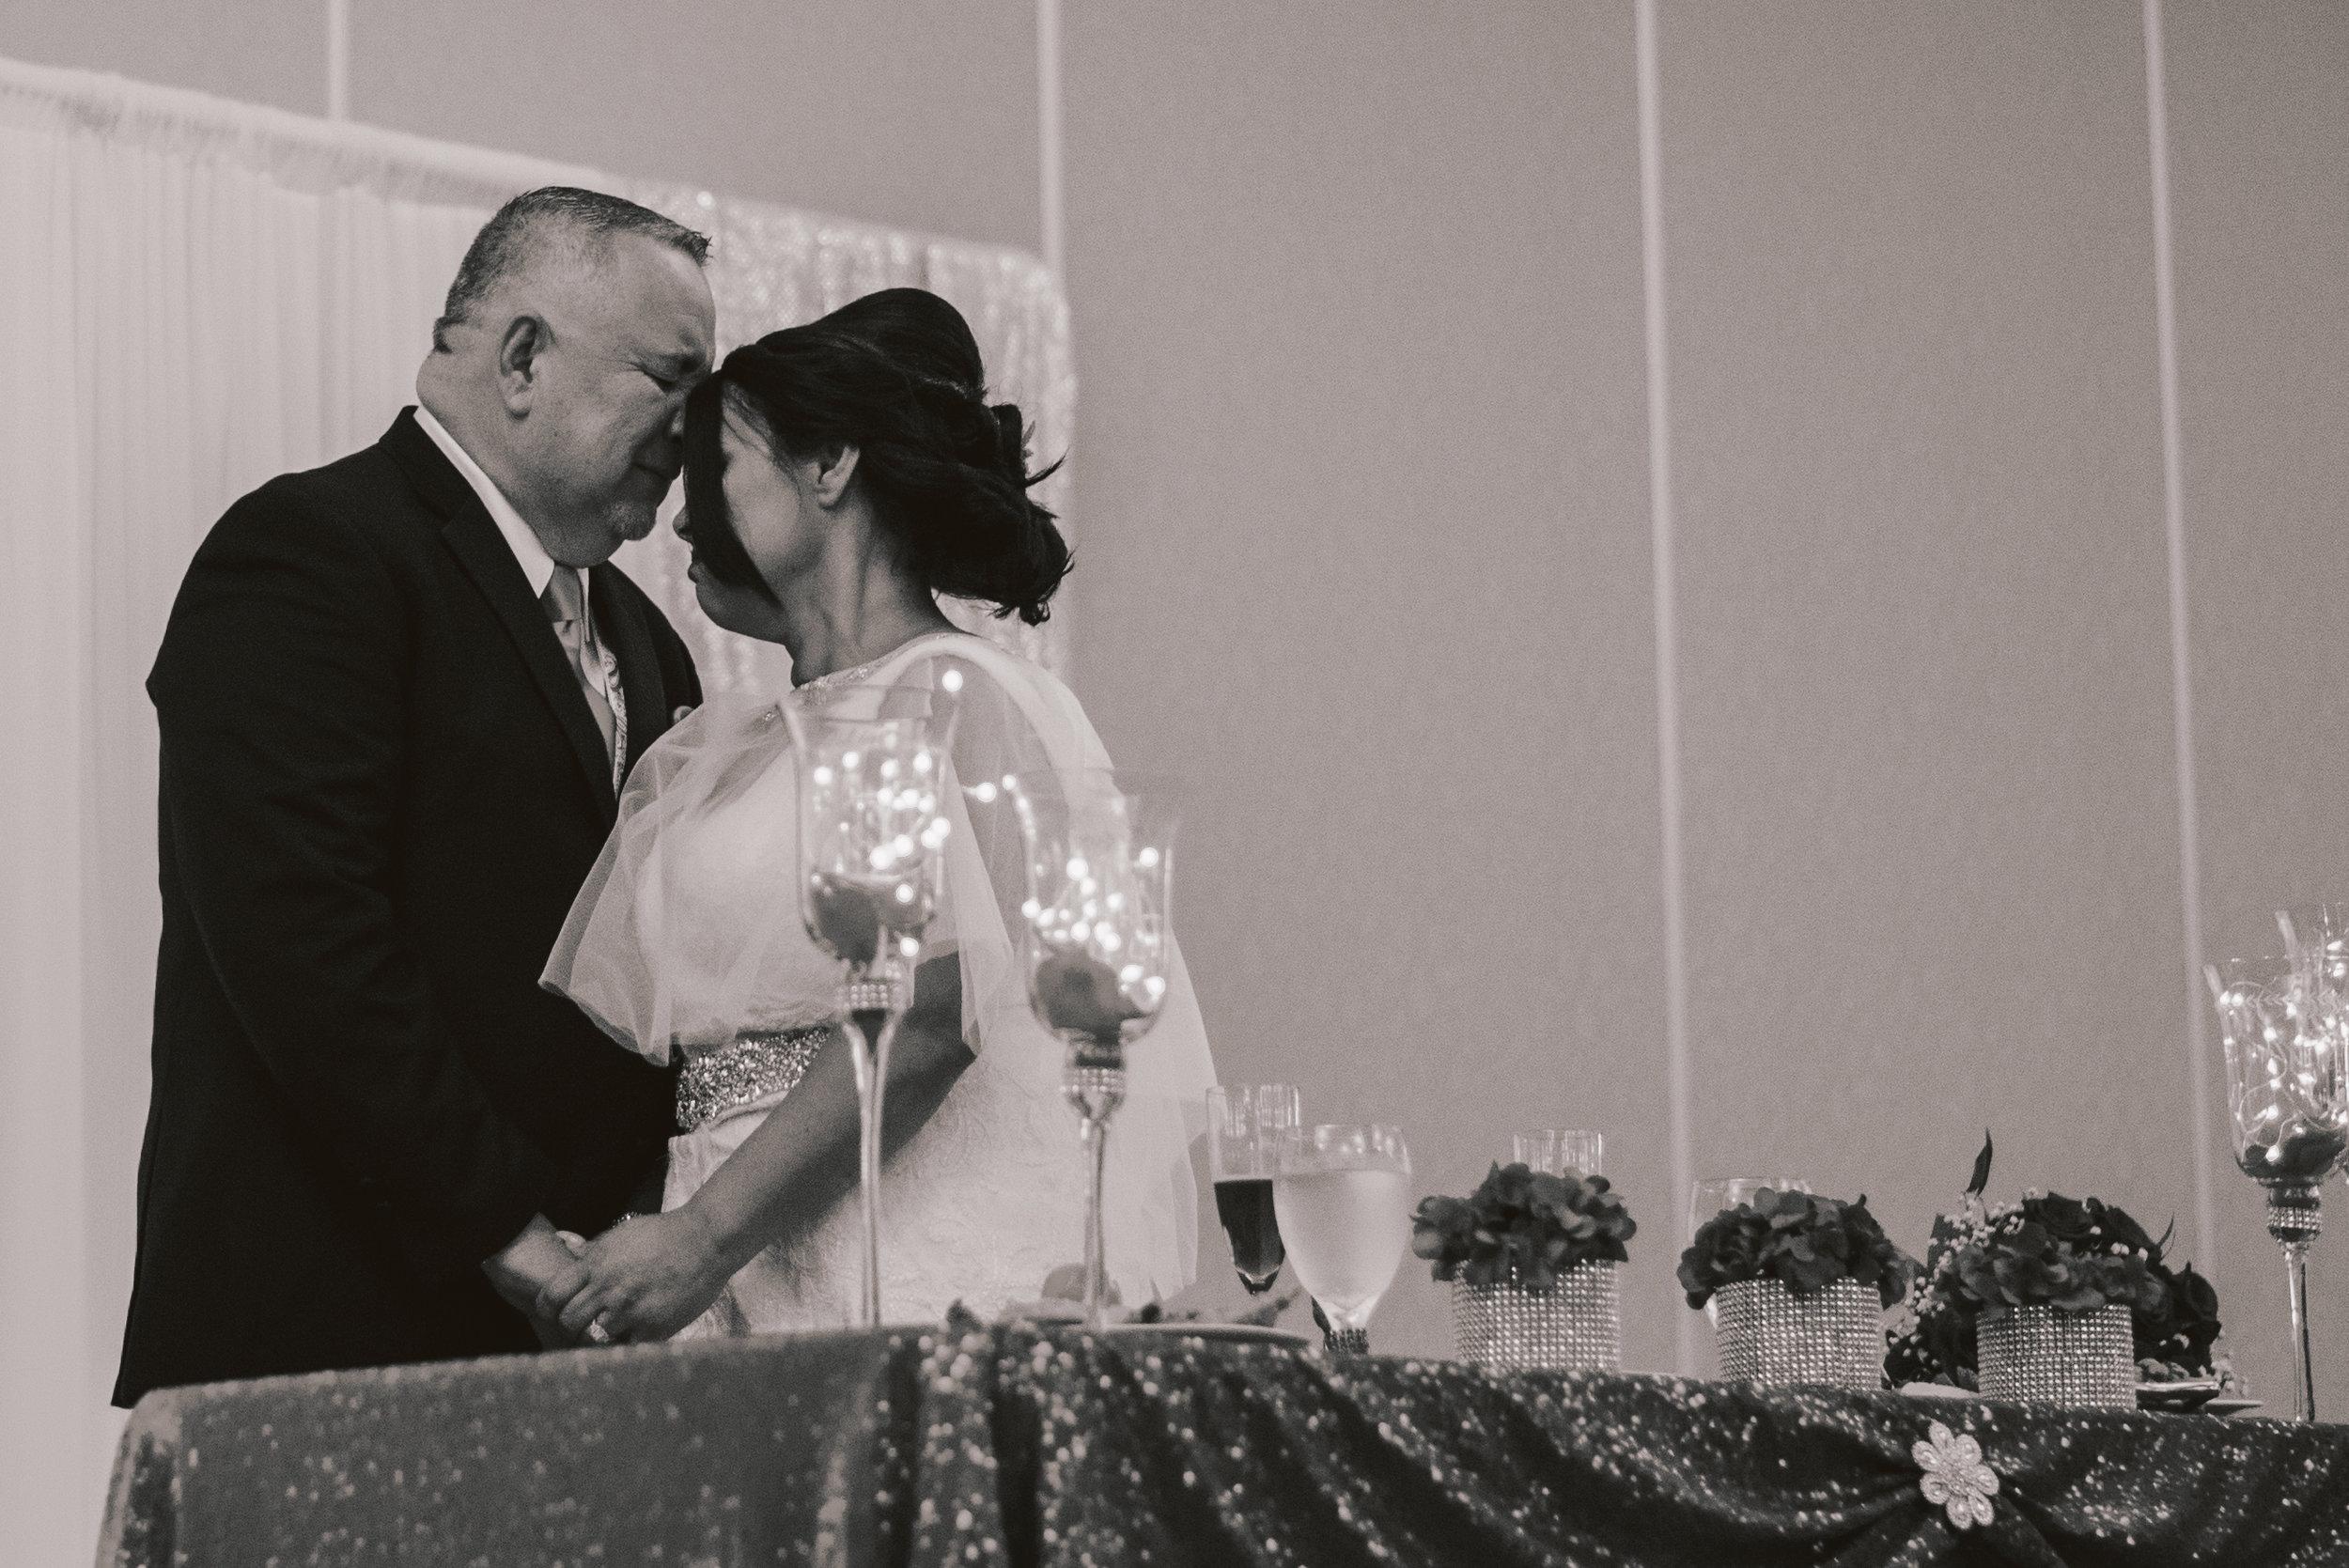 Los-Vargas-Photo-Wedding-Vow-Renewal-Central-Florida-223.jpg